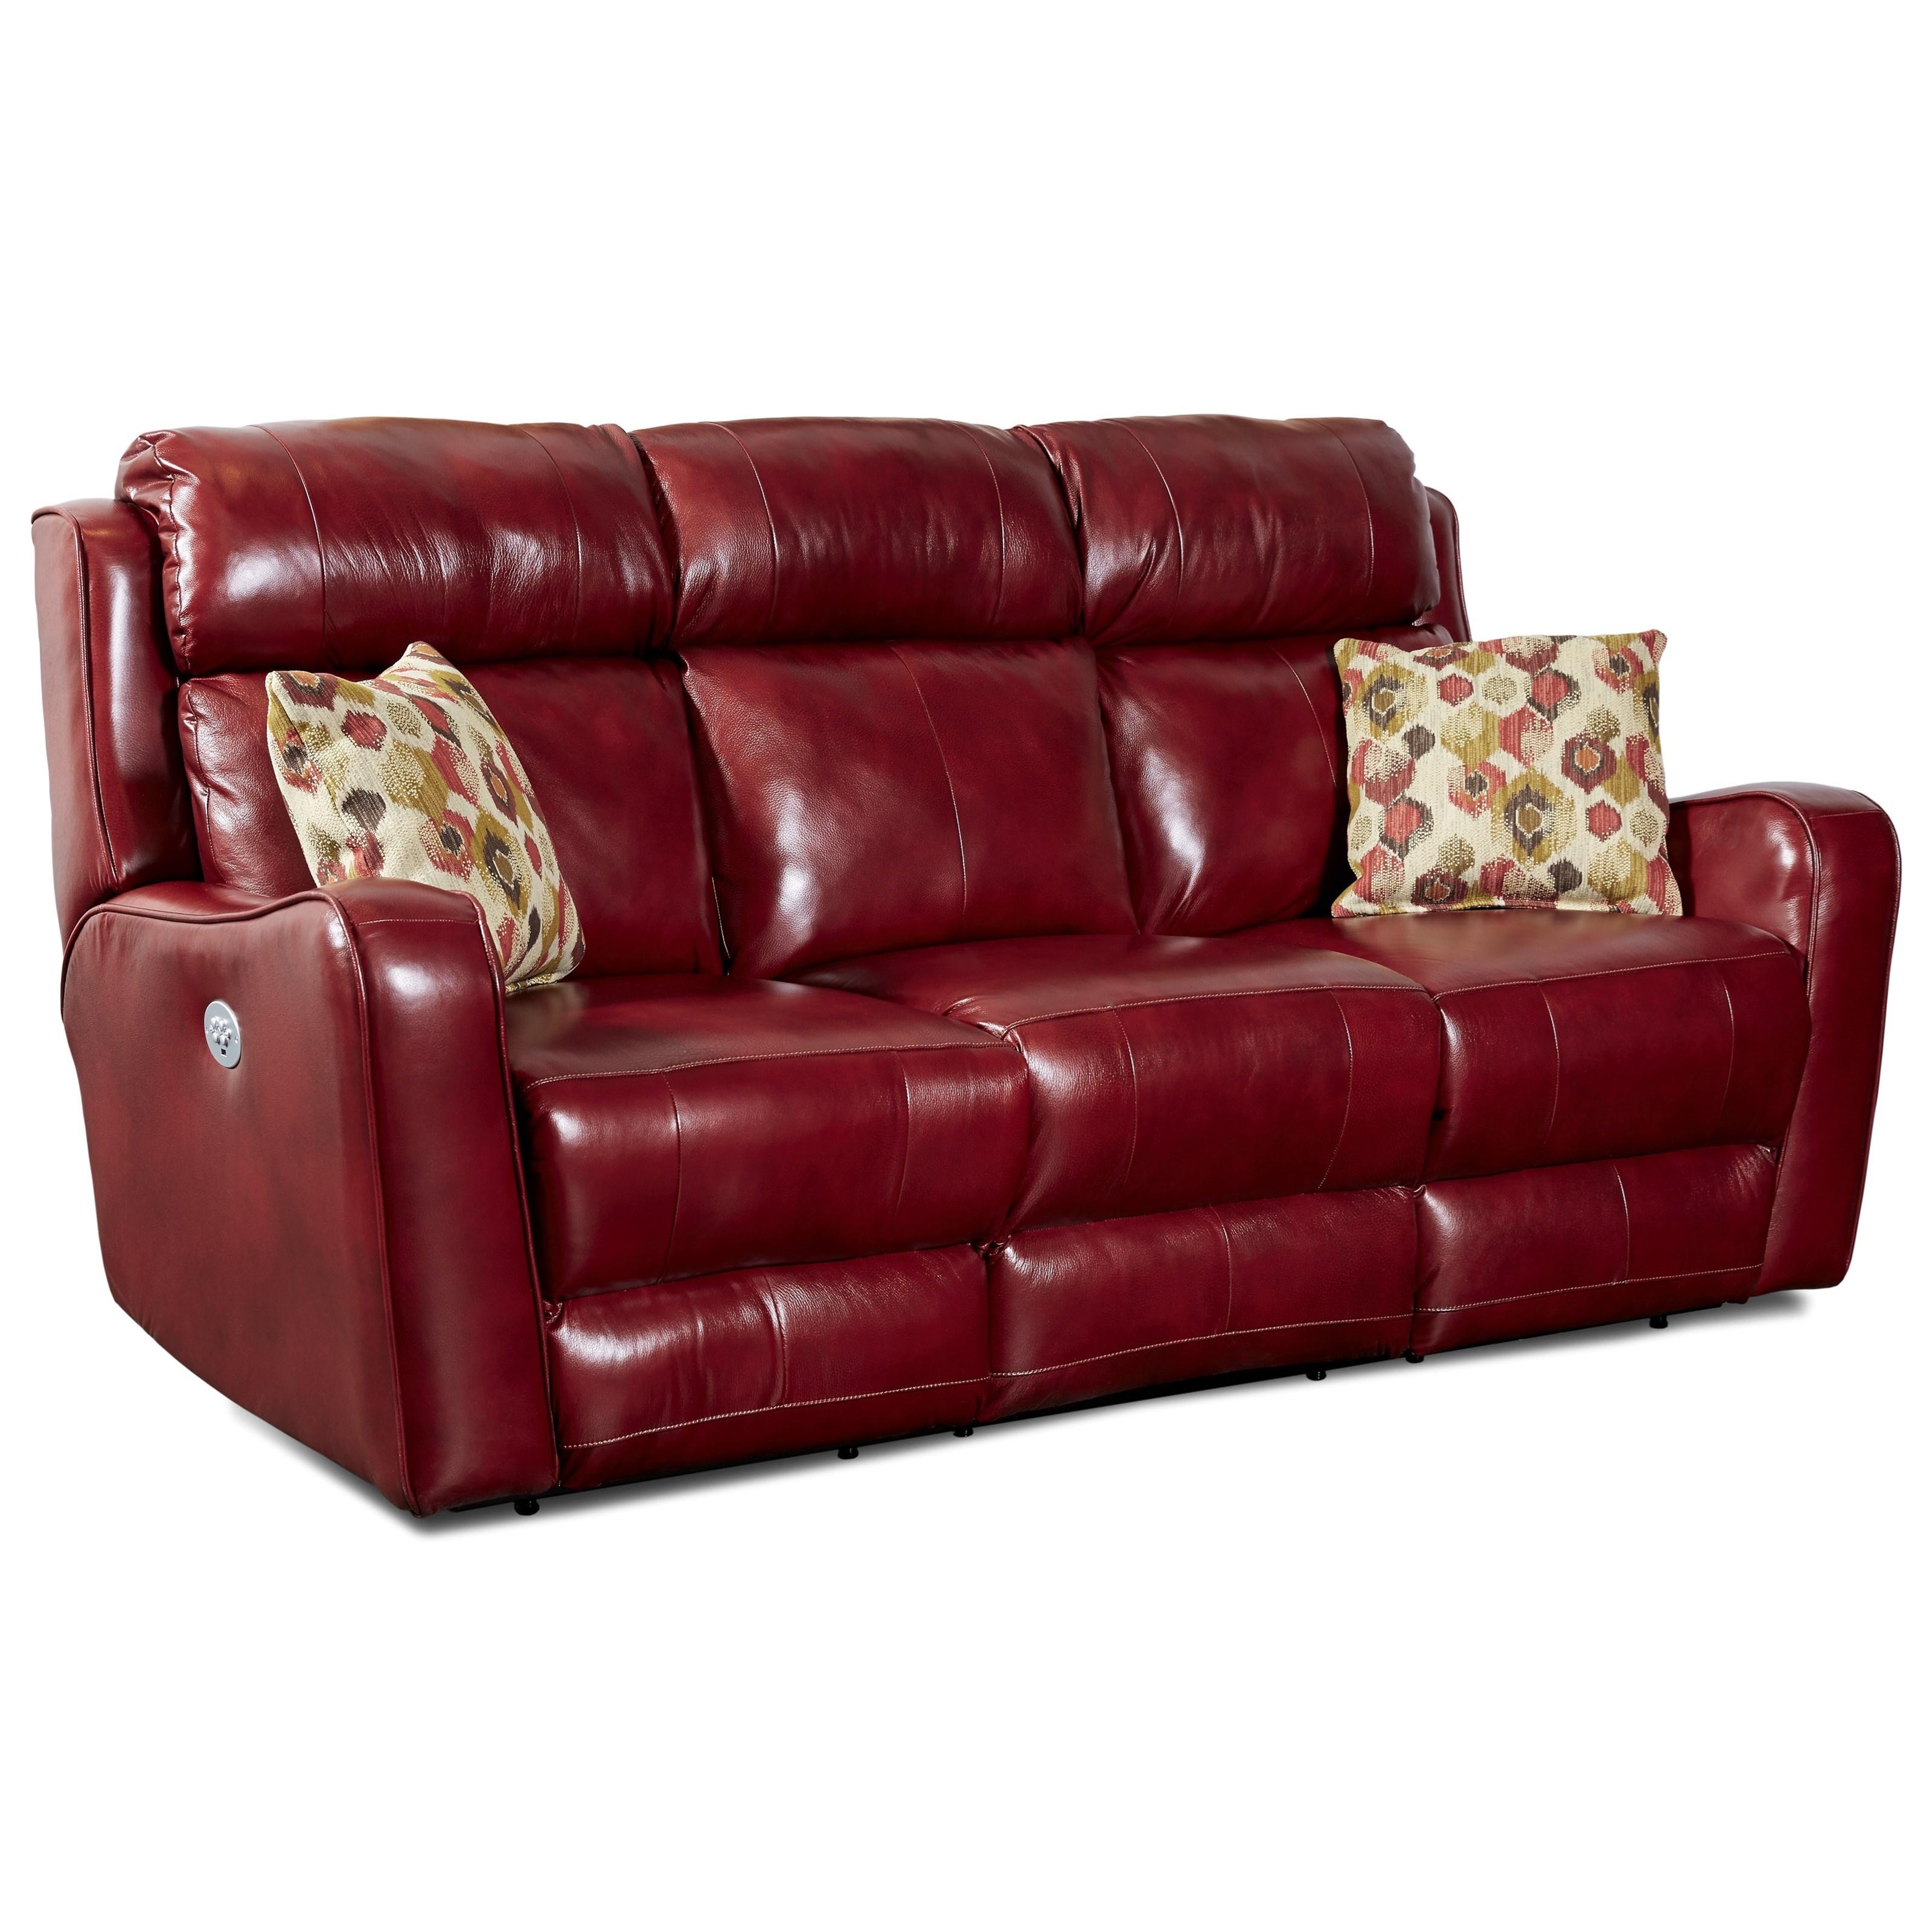 Southern Motion First Class   718Reclining Sofa W/ Pillows U0026 Power Headrest  ...